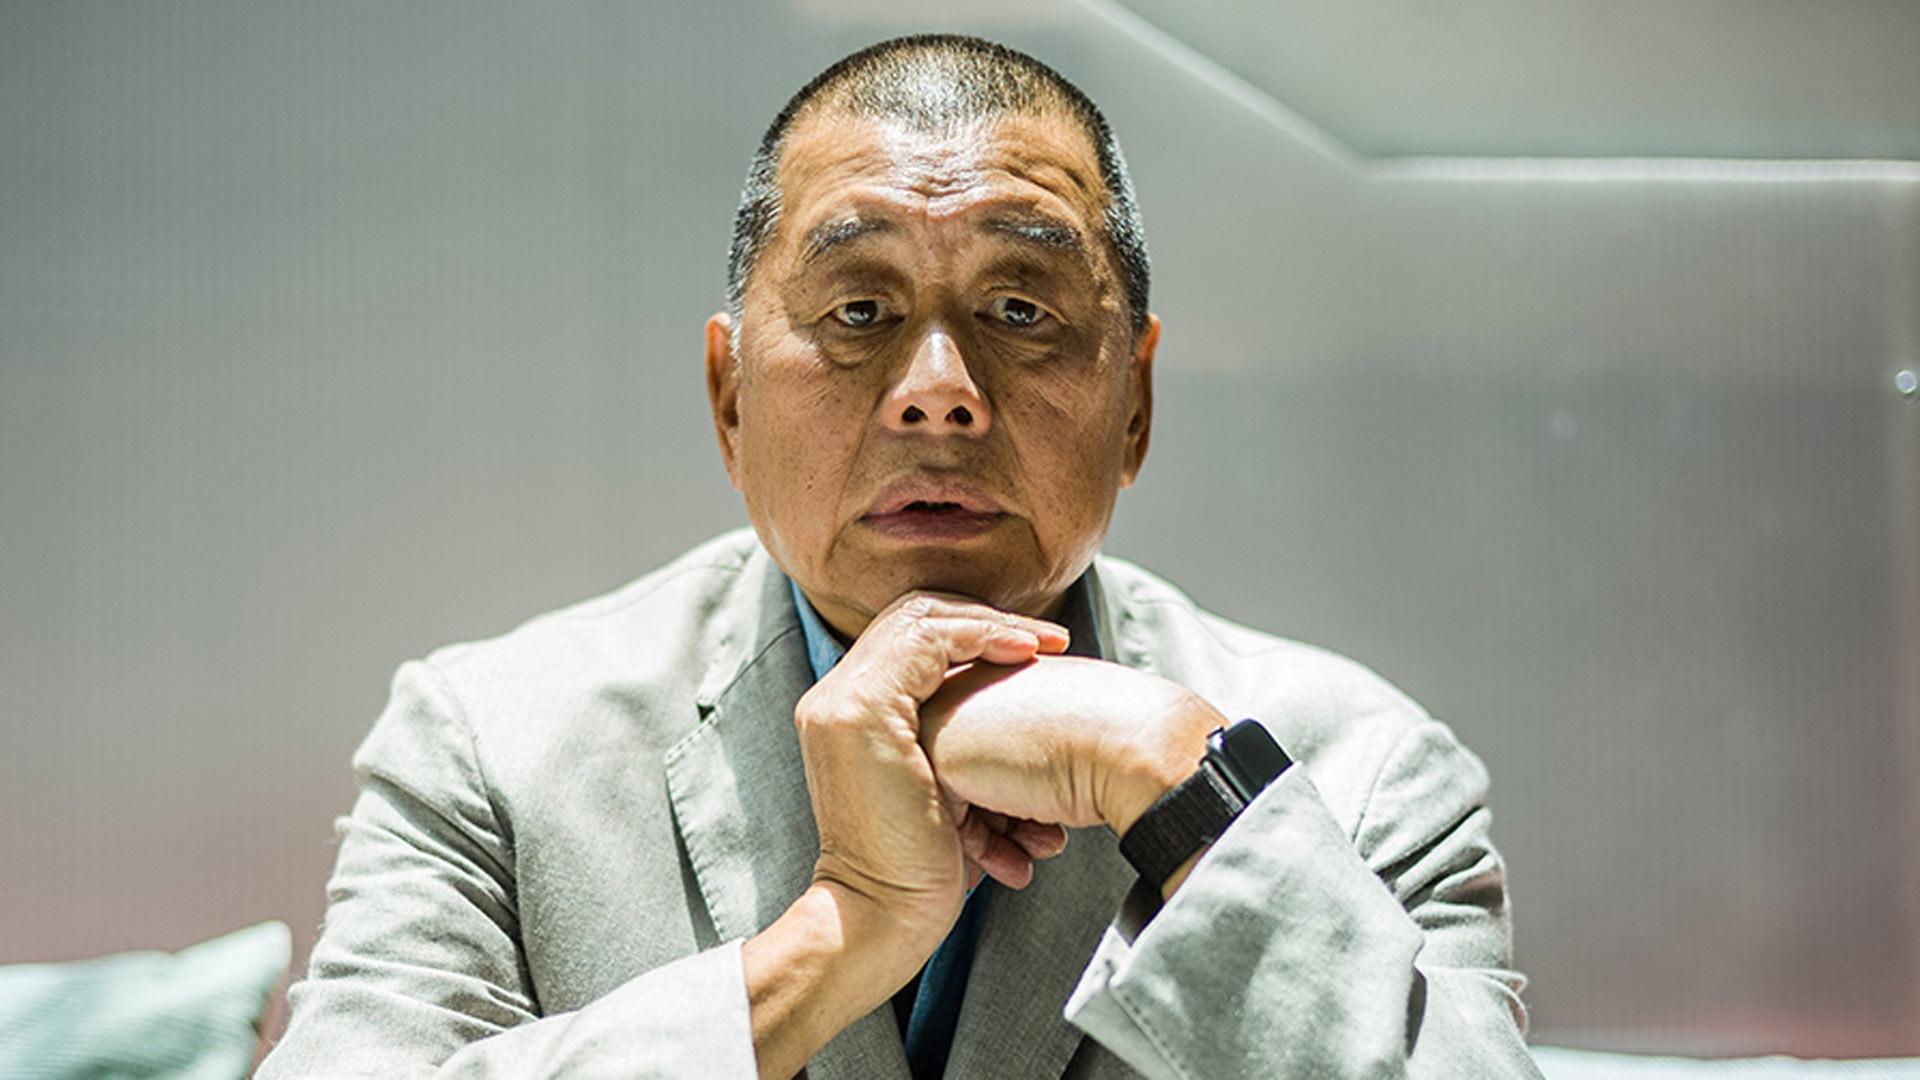 Quién es Jimmy Lai, el dueño de periódicos de Hong Kong encarcelado por defender la democracia